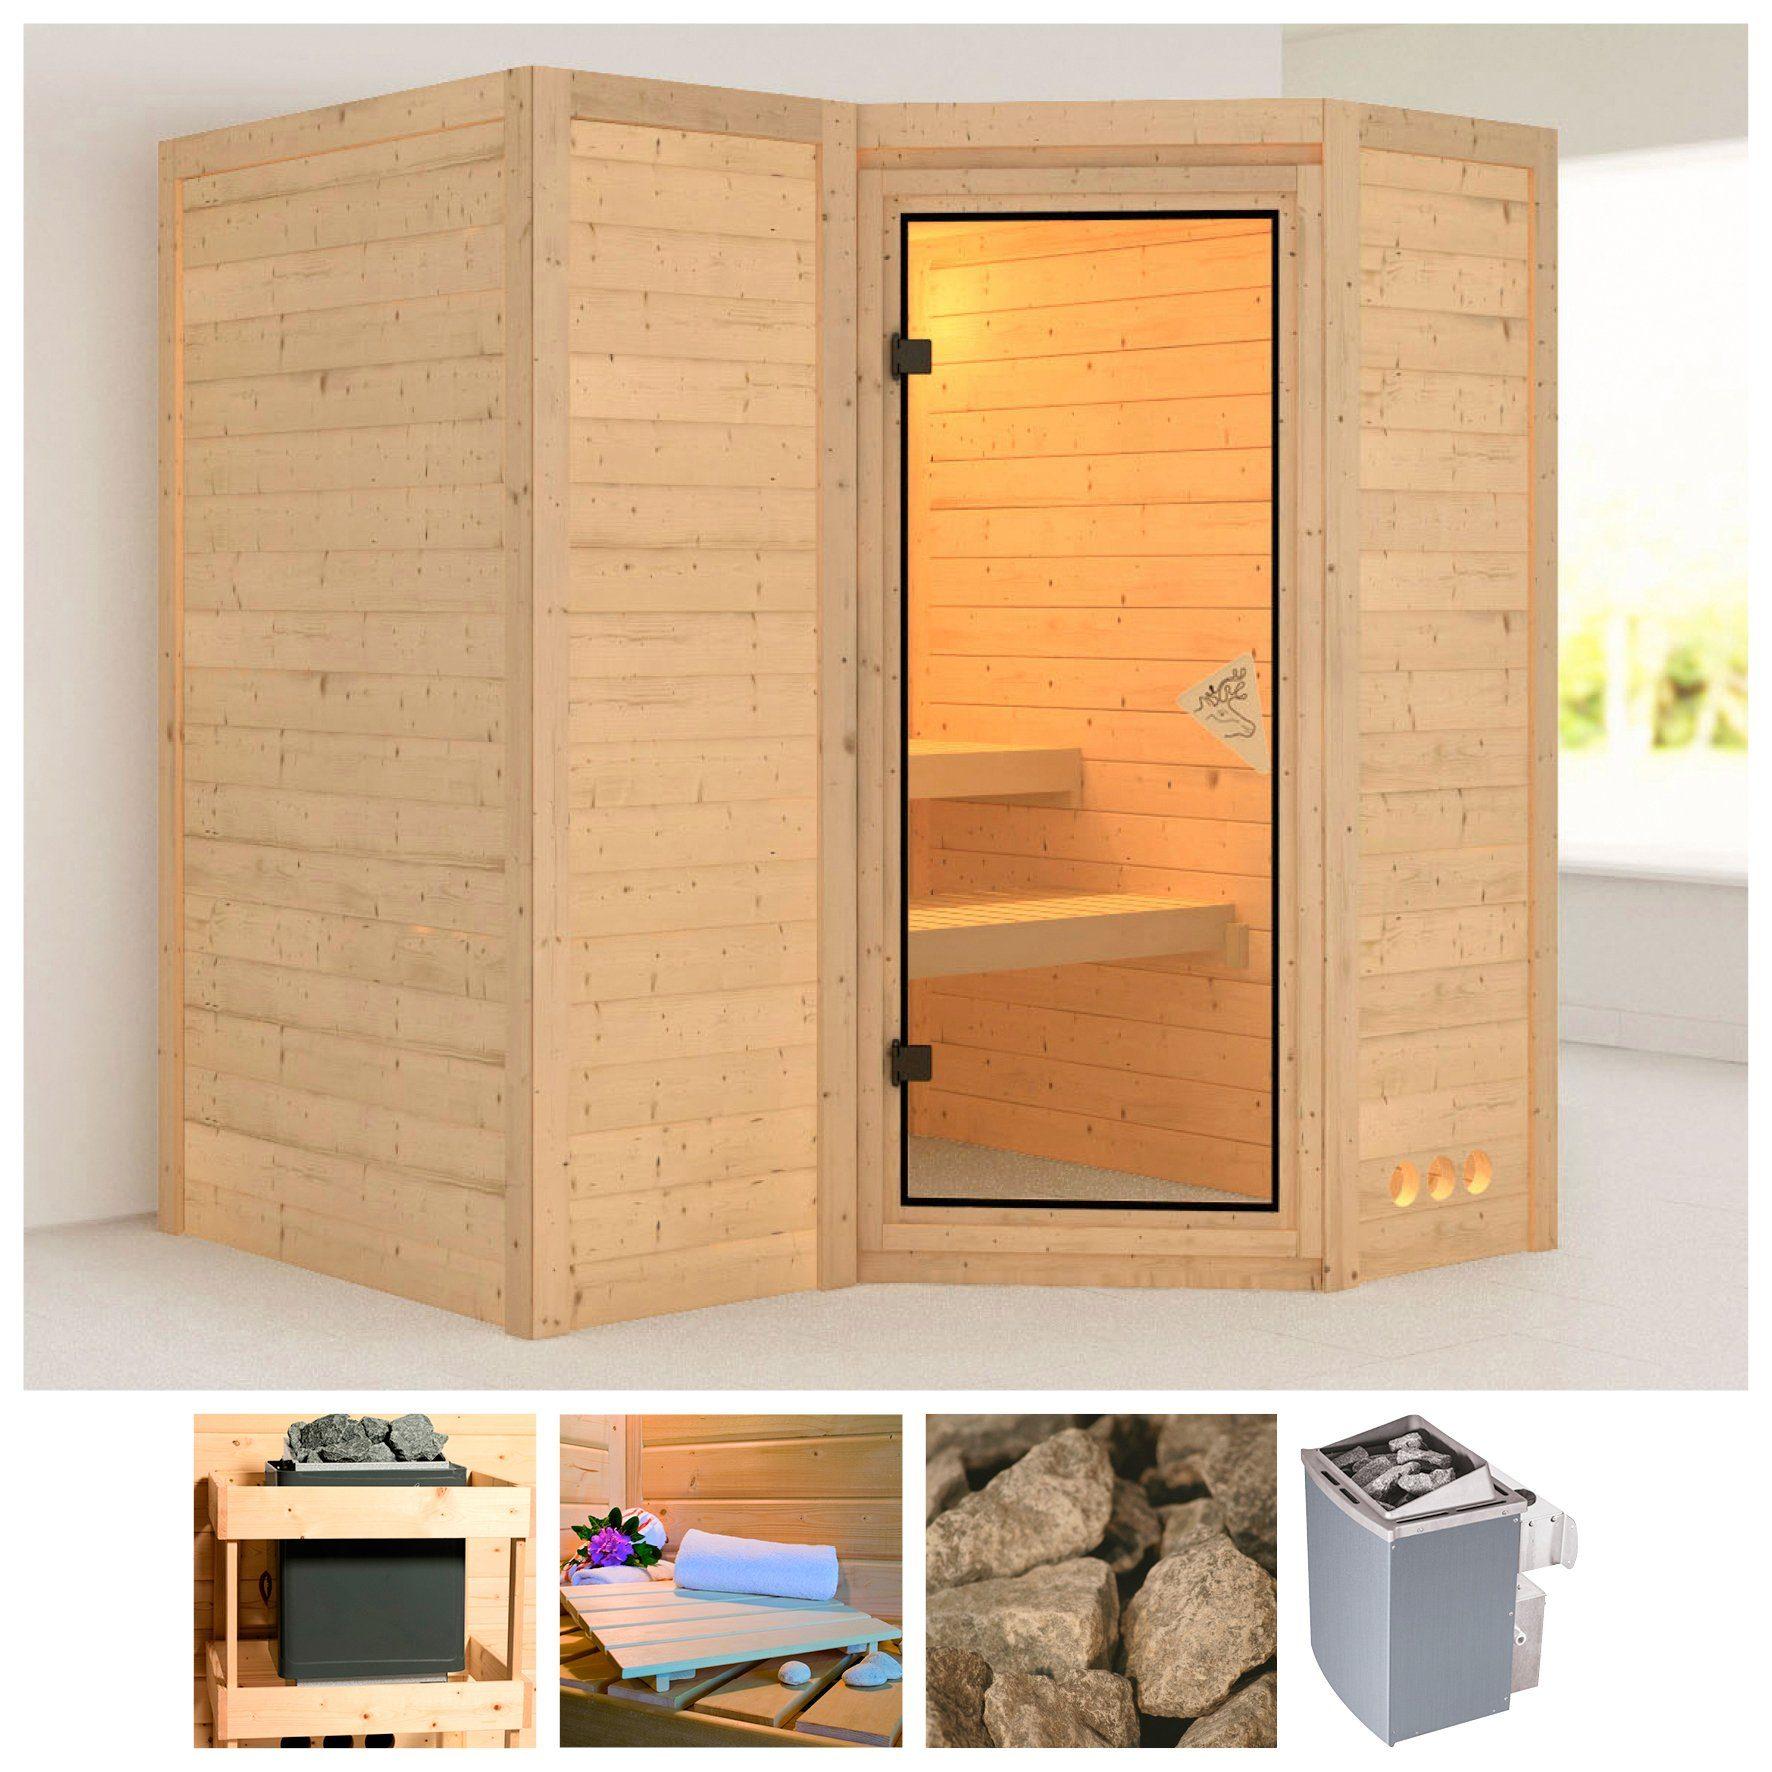 KARIBU Sauna »Sahib 1«, 193/184/206 cm, 40 mm, 9-kW-Ofen mit int. Steuerung